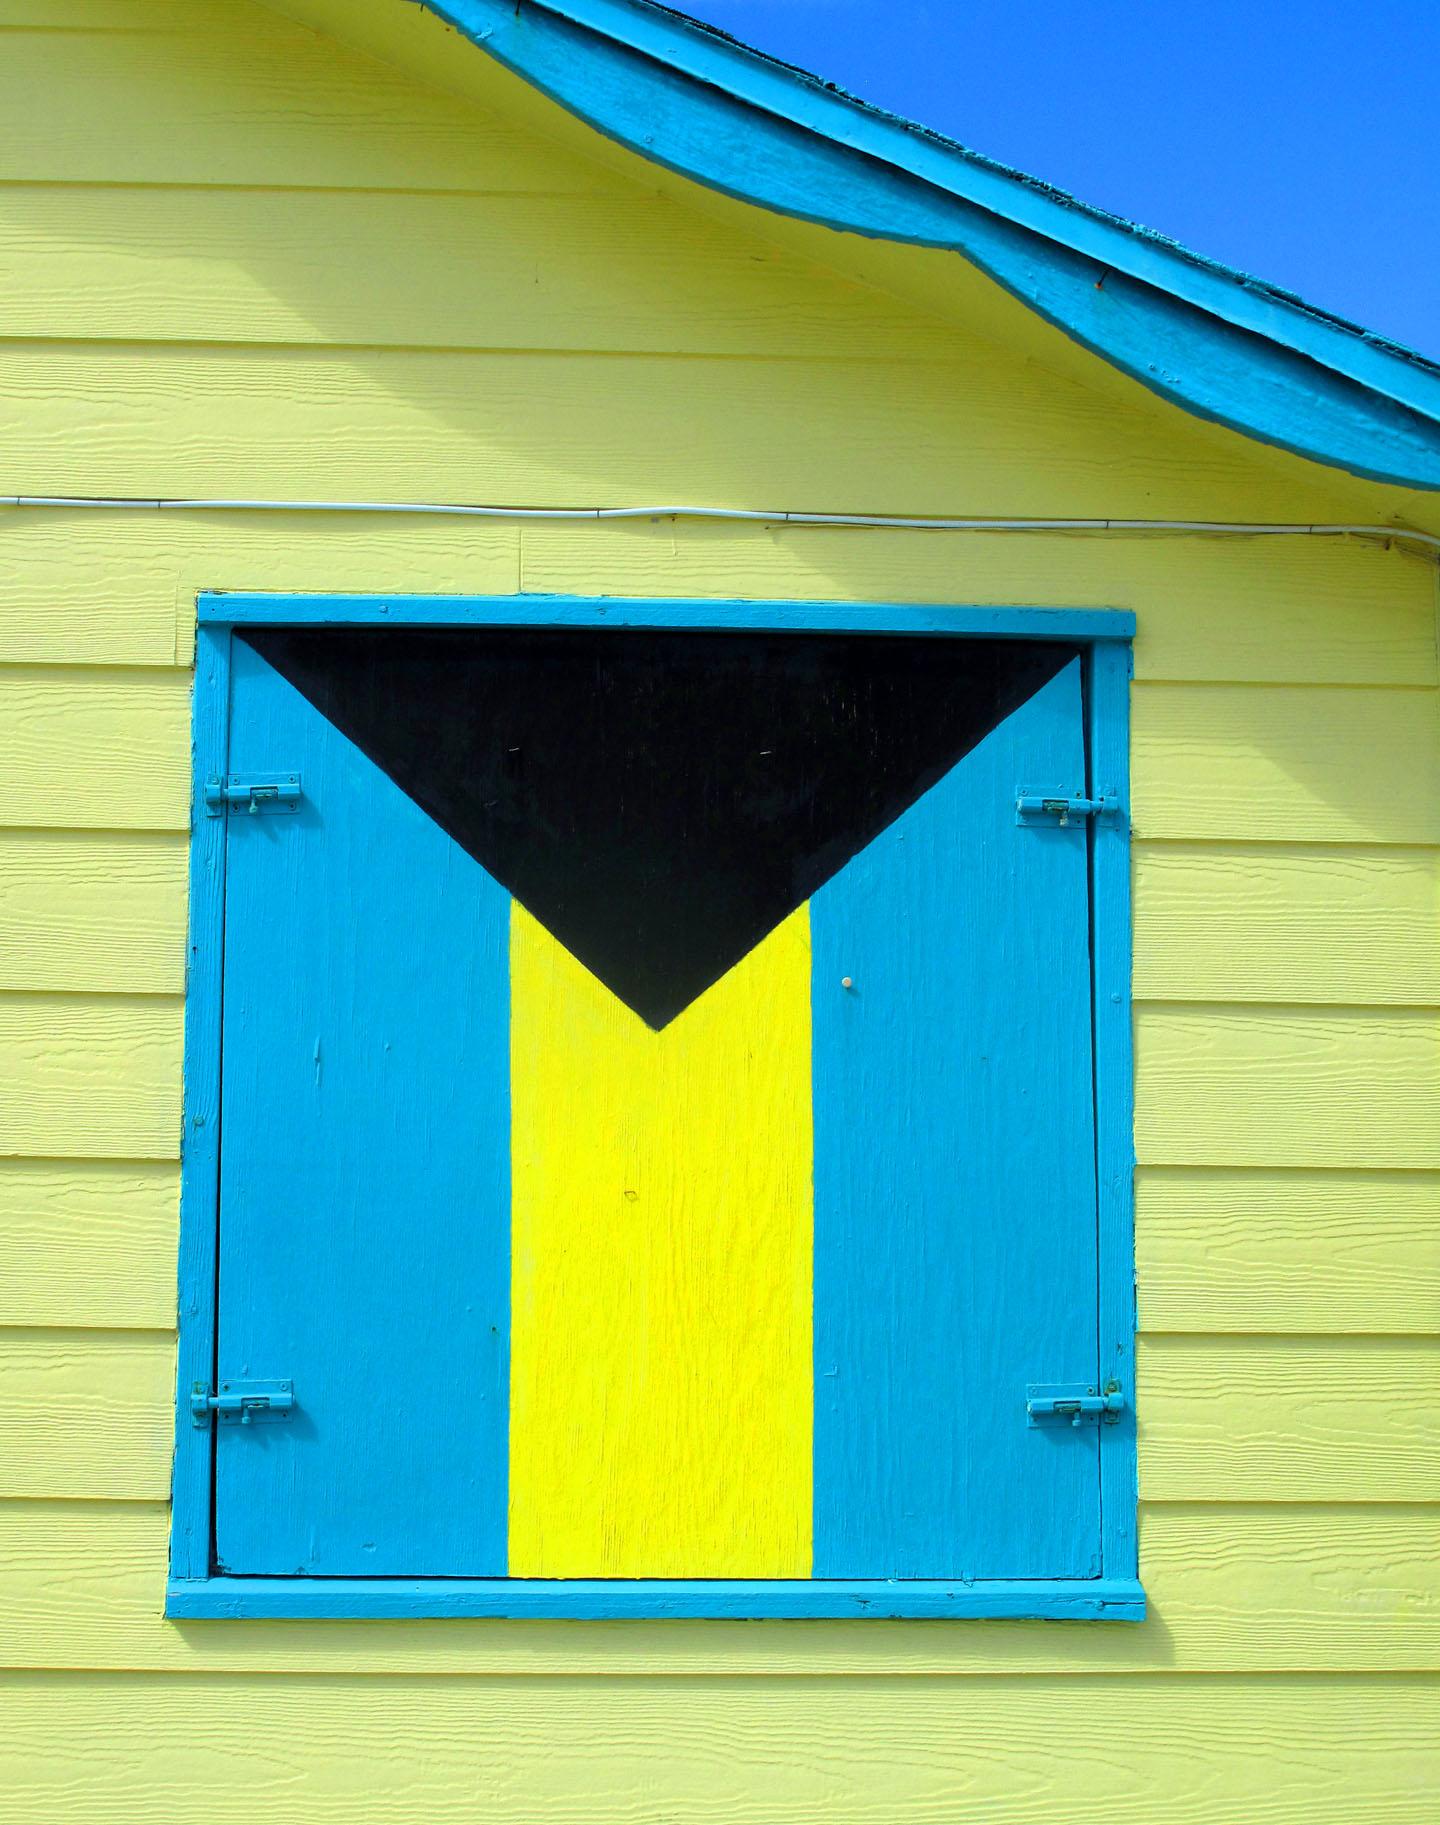 bahamas, green turtle cay, abaco, bahamian flag